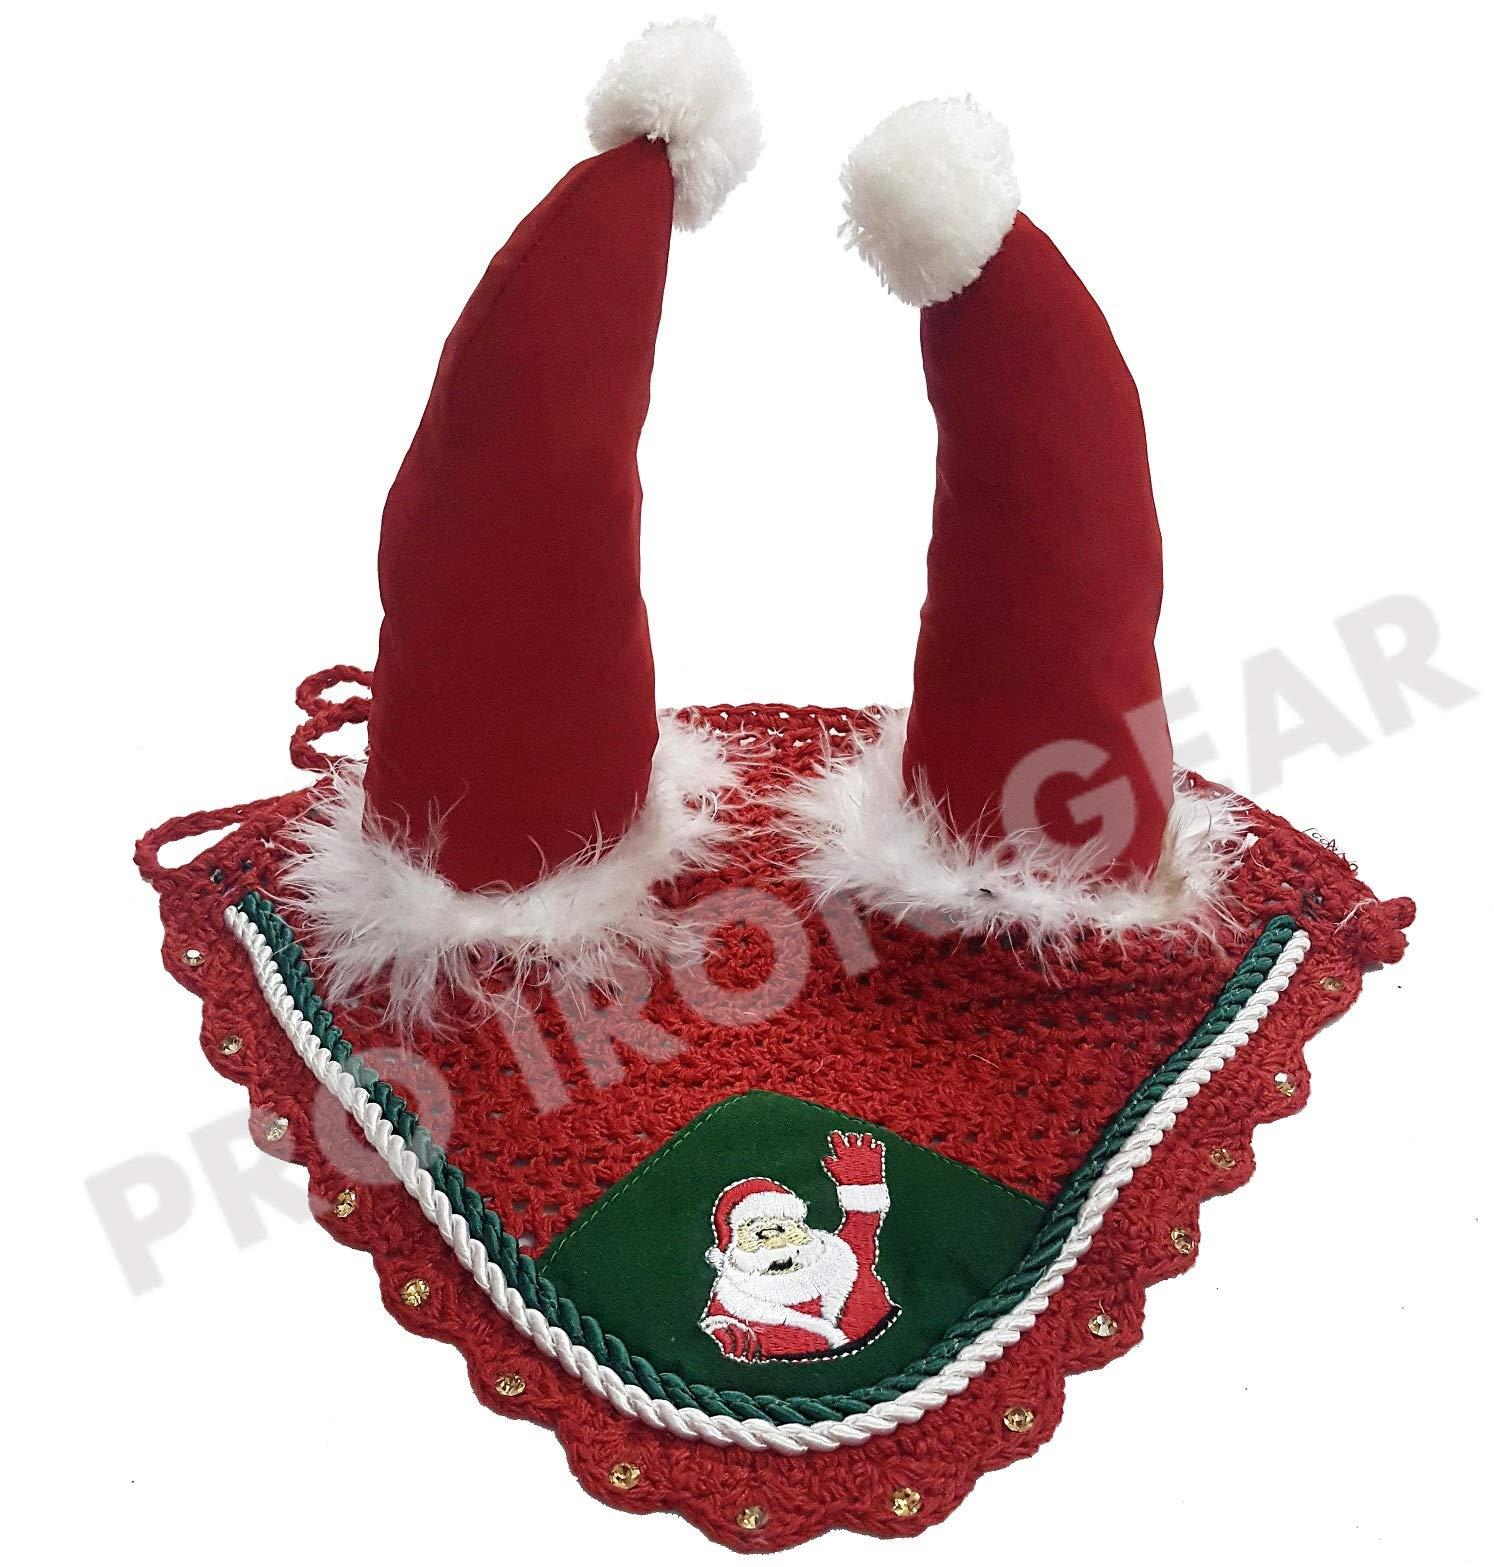 PRO IRON GEAR Santa Claus Horse Ear Bonnet/Net/Hat/Hood/Mask Fly Veil (Full) by PRO IRON GEAR